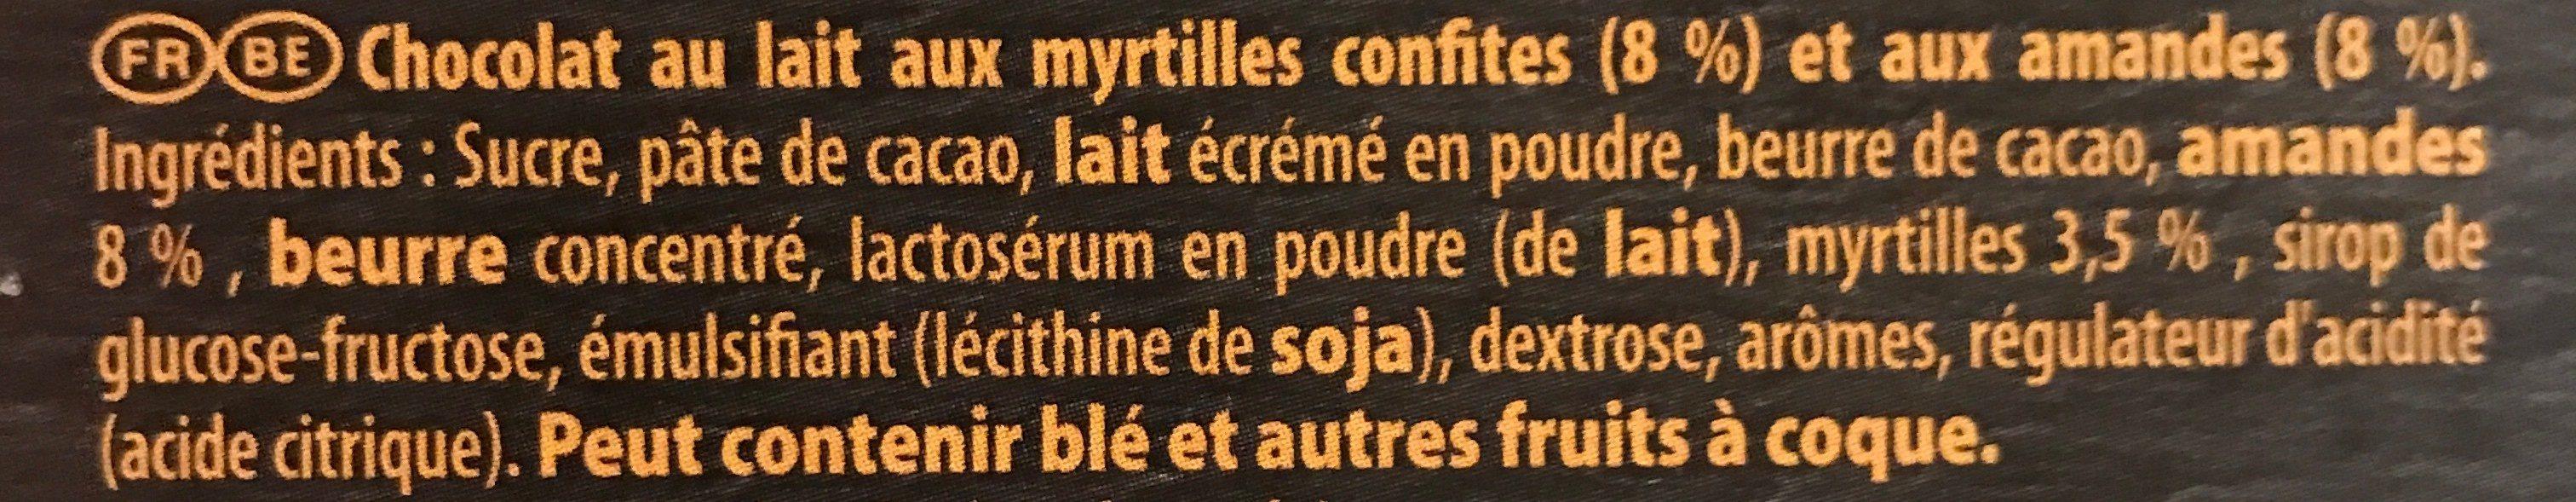 Chocolat au lait aux myrtilles confites et aux amandes - Ingrediënten